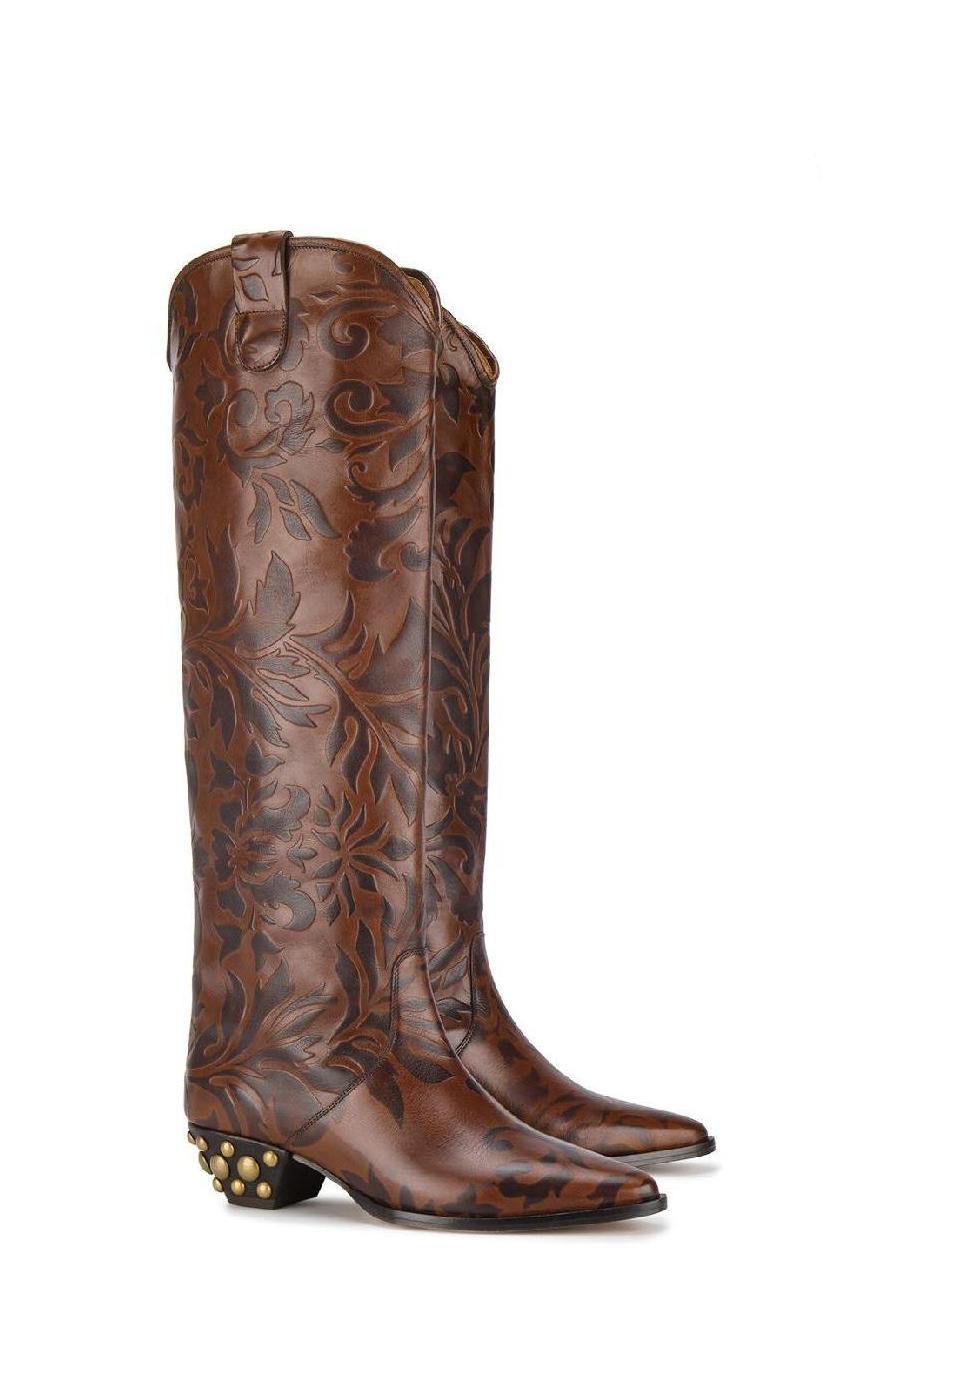 Stivali al ginocchio Isabel Marant in Pelle di vitello marrone c40f4468965